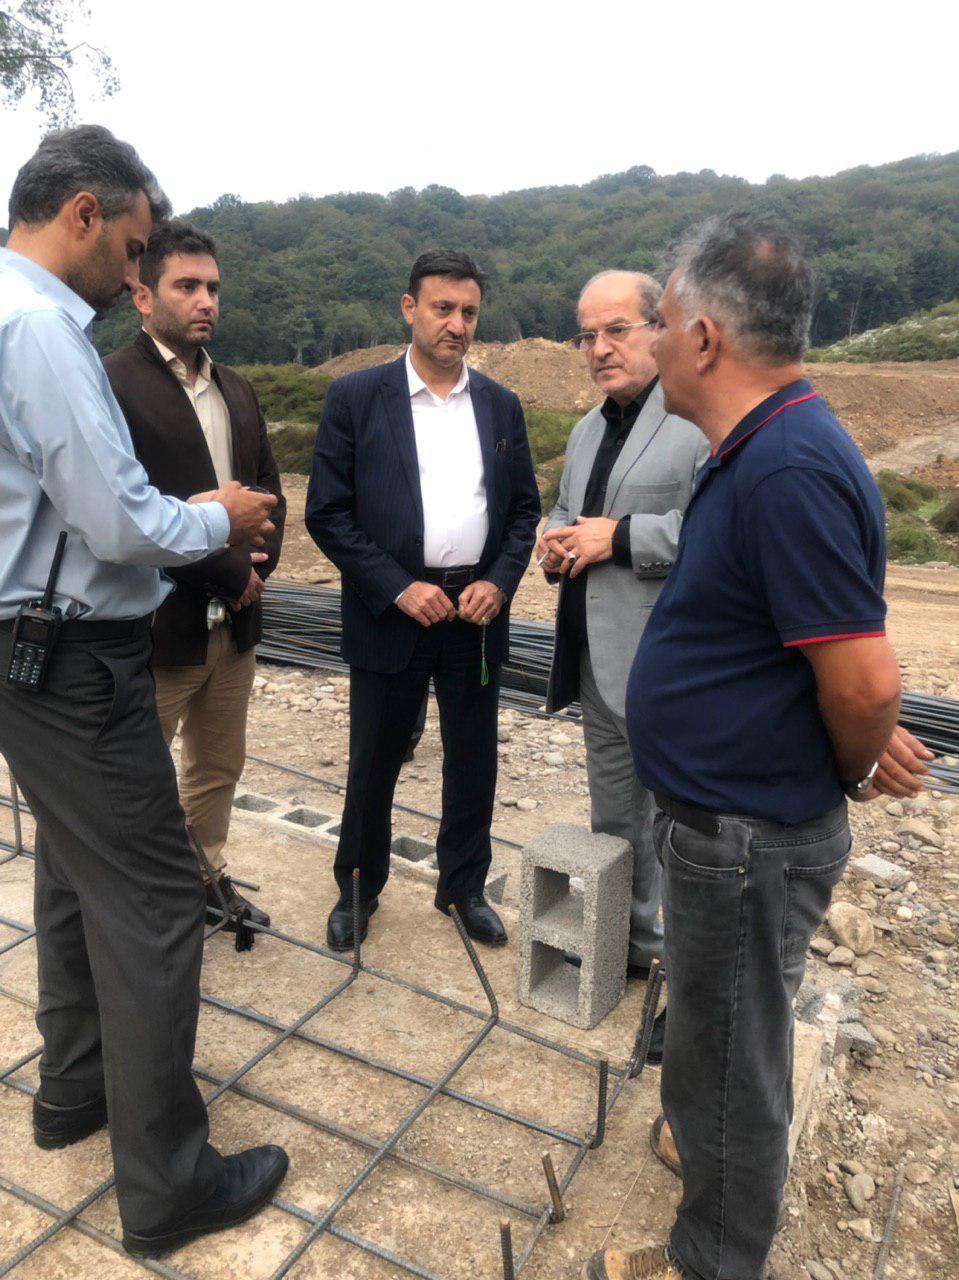 بازدید رئیس شورای اسلامی و شهردار رشت از پروژه احداث تصفیه خانه دفنگاه سراوان